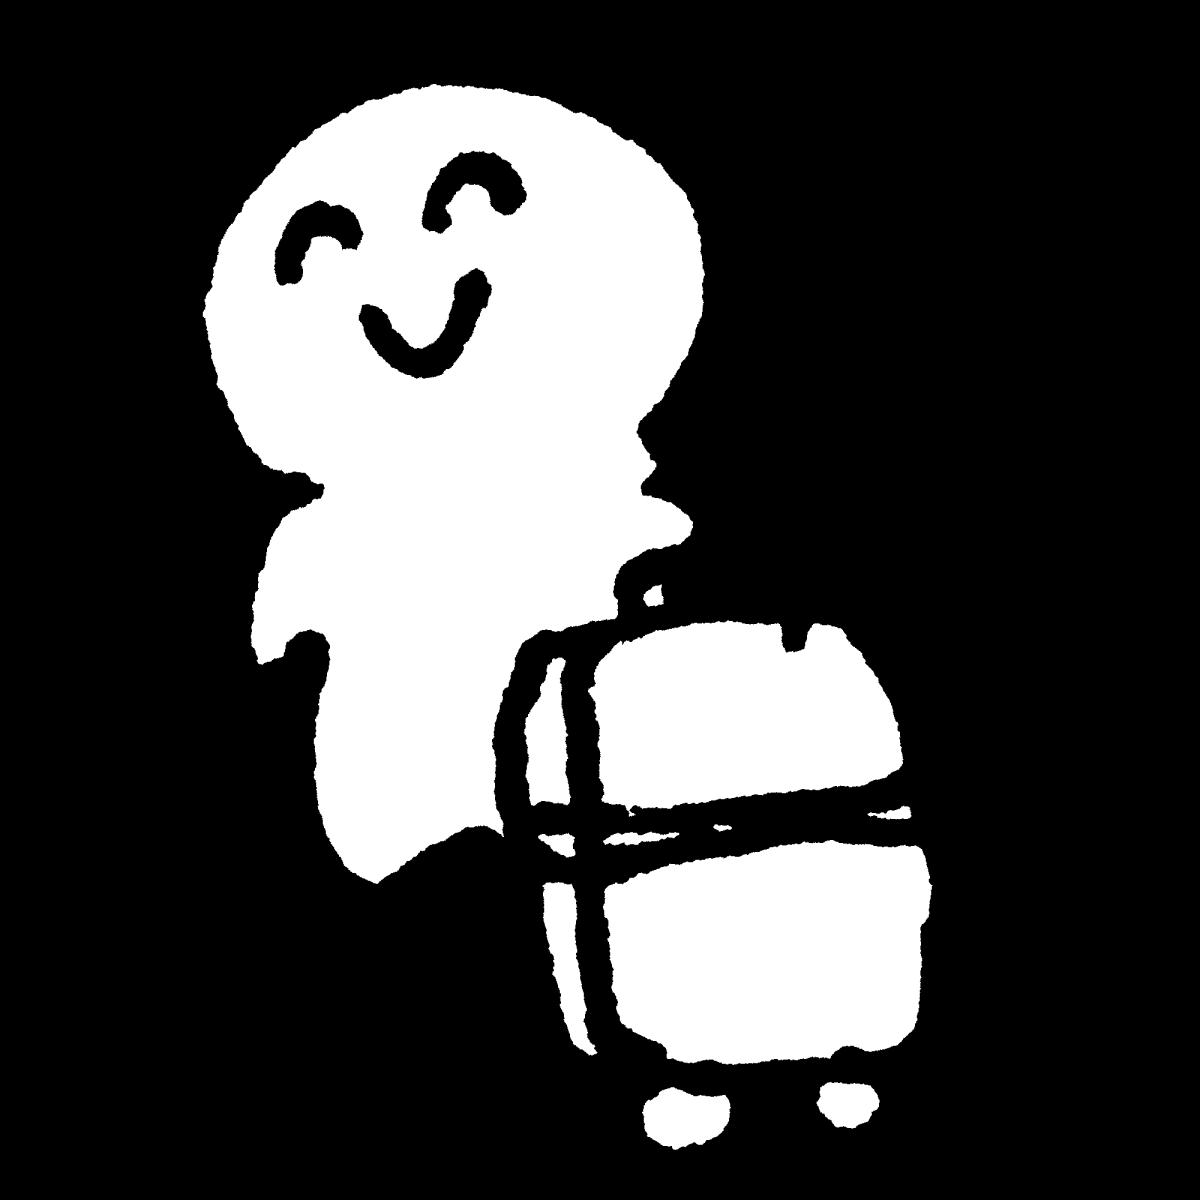 旅人 スーツケースのイラスト / Traveller's suitcase Illustration